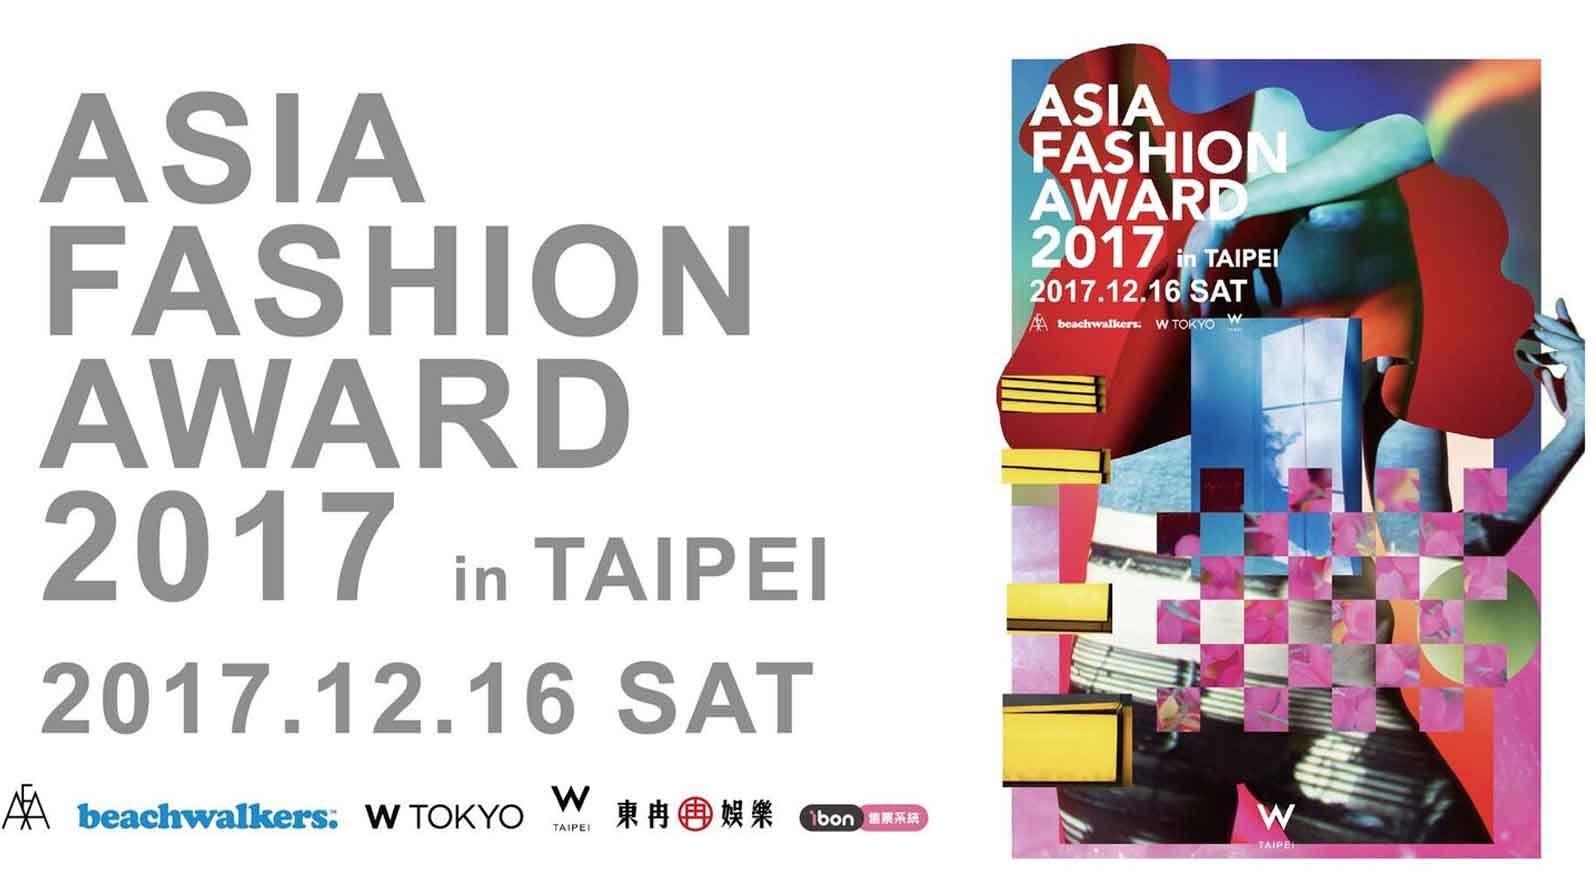 小室哲哉和miwa宣布出席ASIA FASHION AWARD 2017 in TAIPEI(20171211更新)